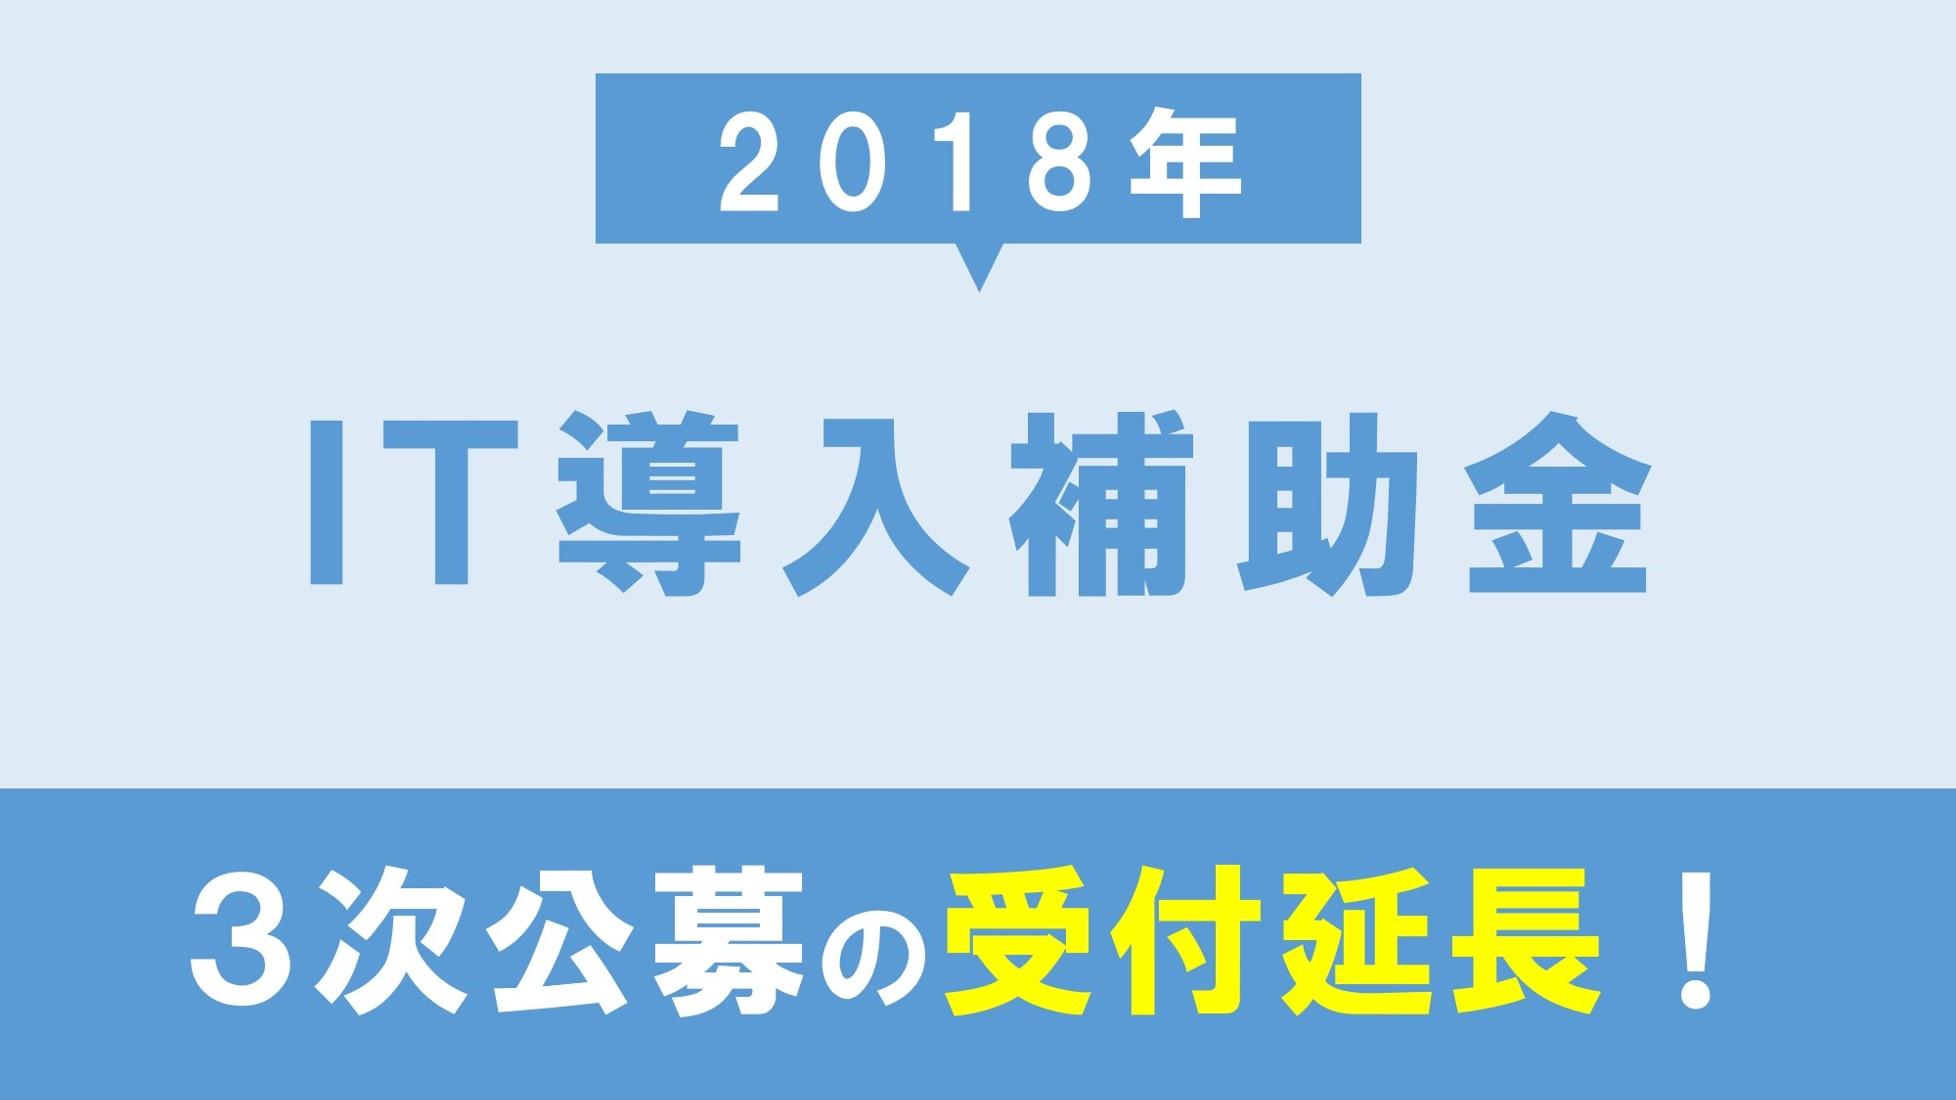 【朗報】2018年IT導入補助金(3次公募)の受付期間が延長に!3分で概要を解説